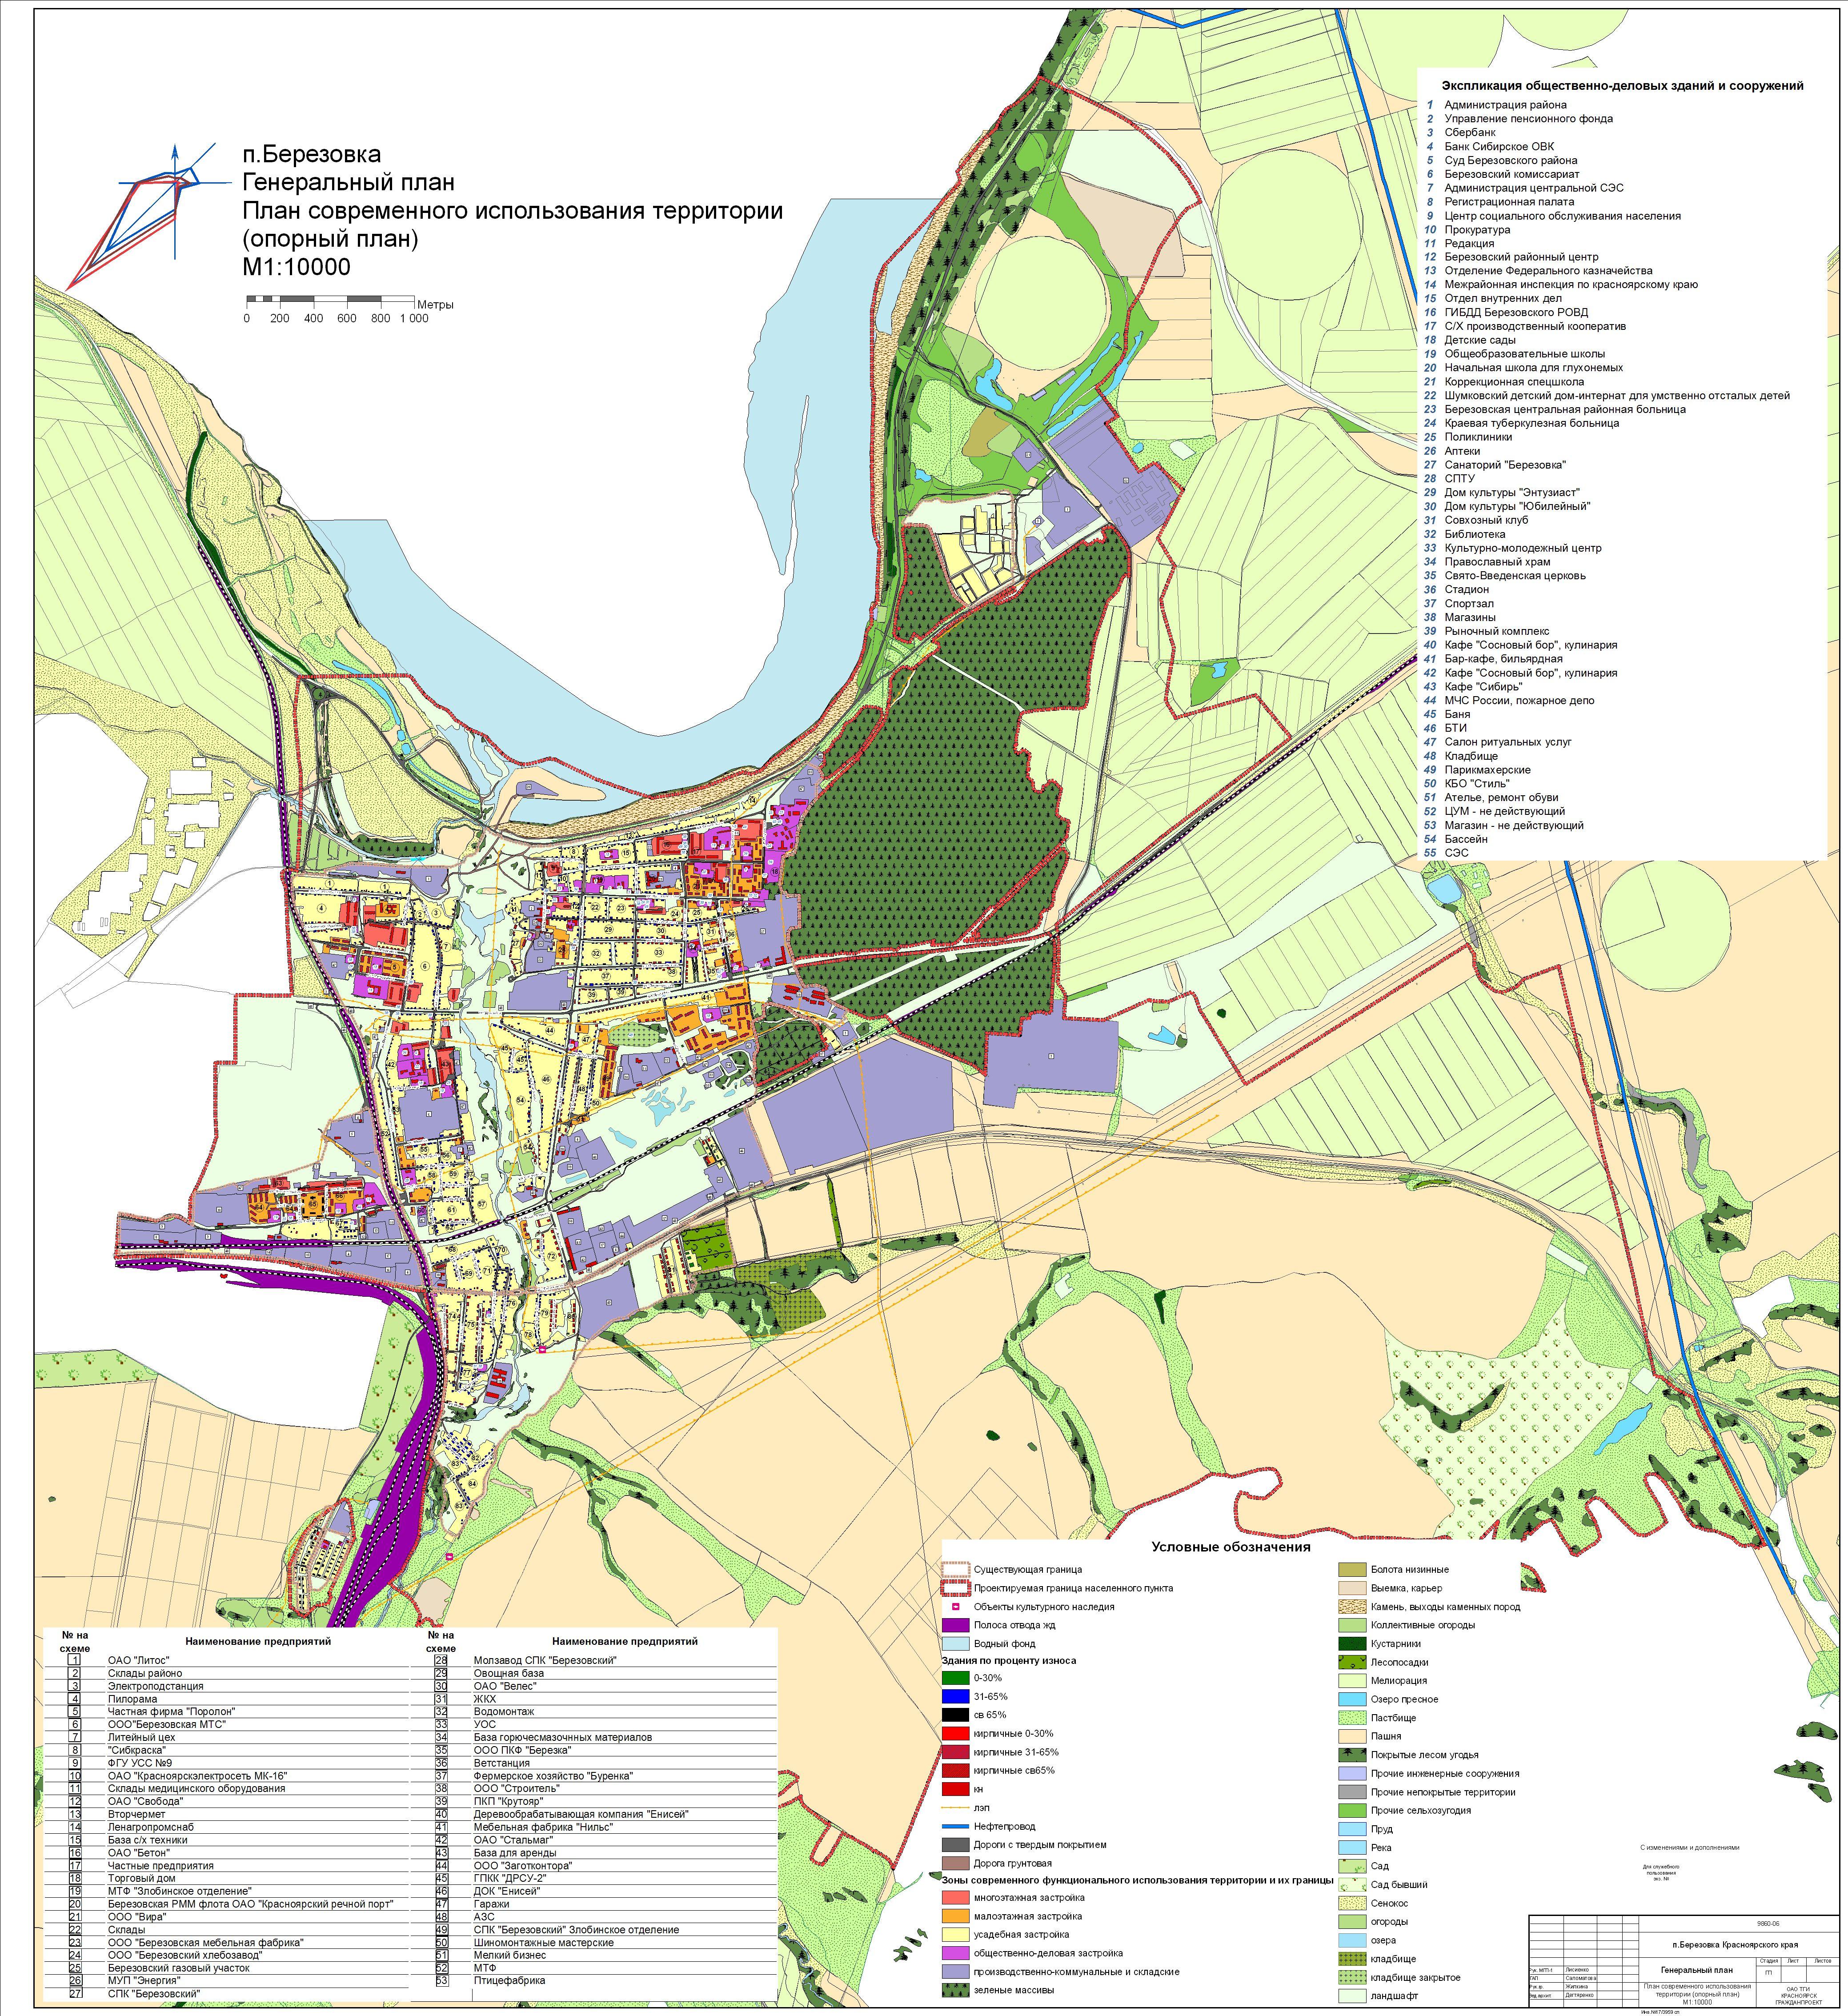 Администрация поселка Березовка | Генеральный план поселка Березовка